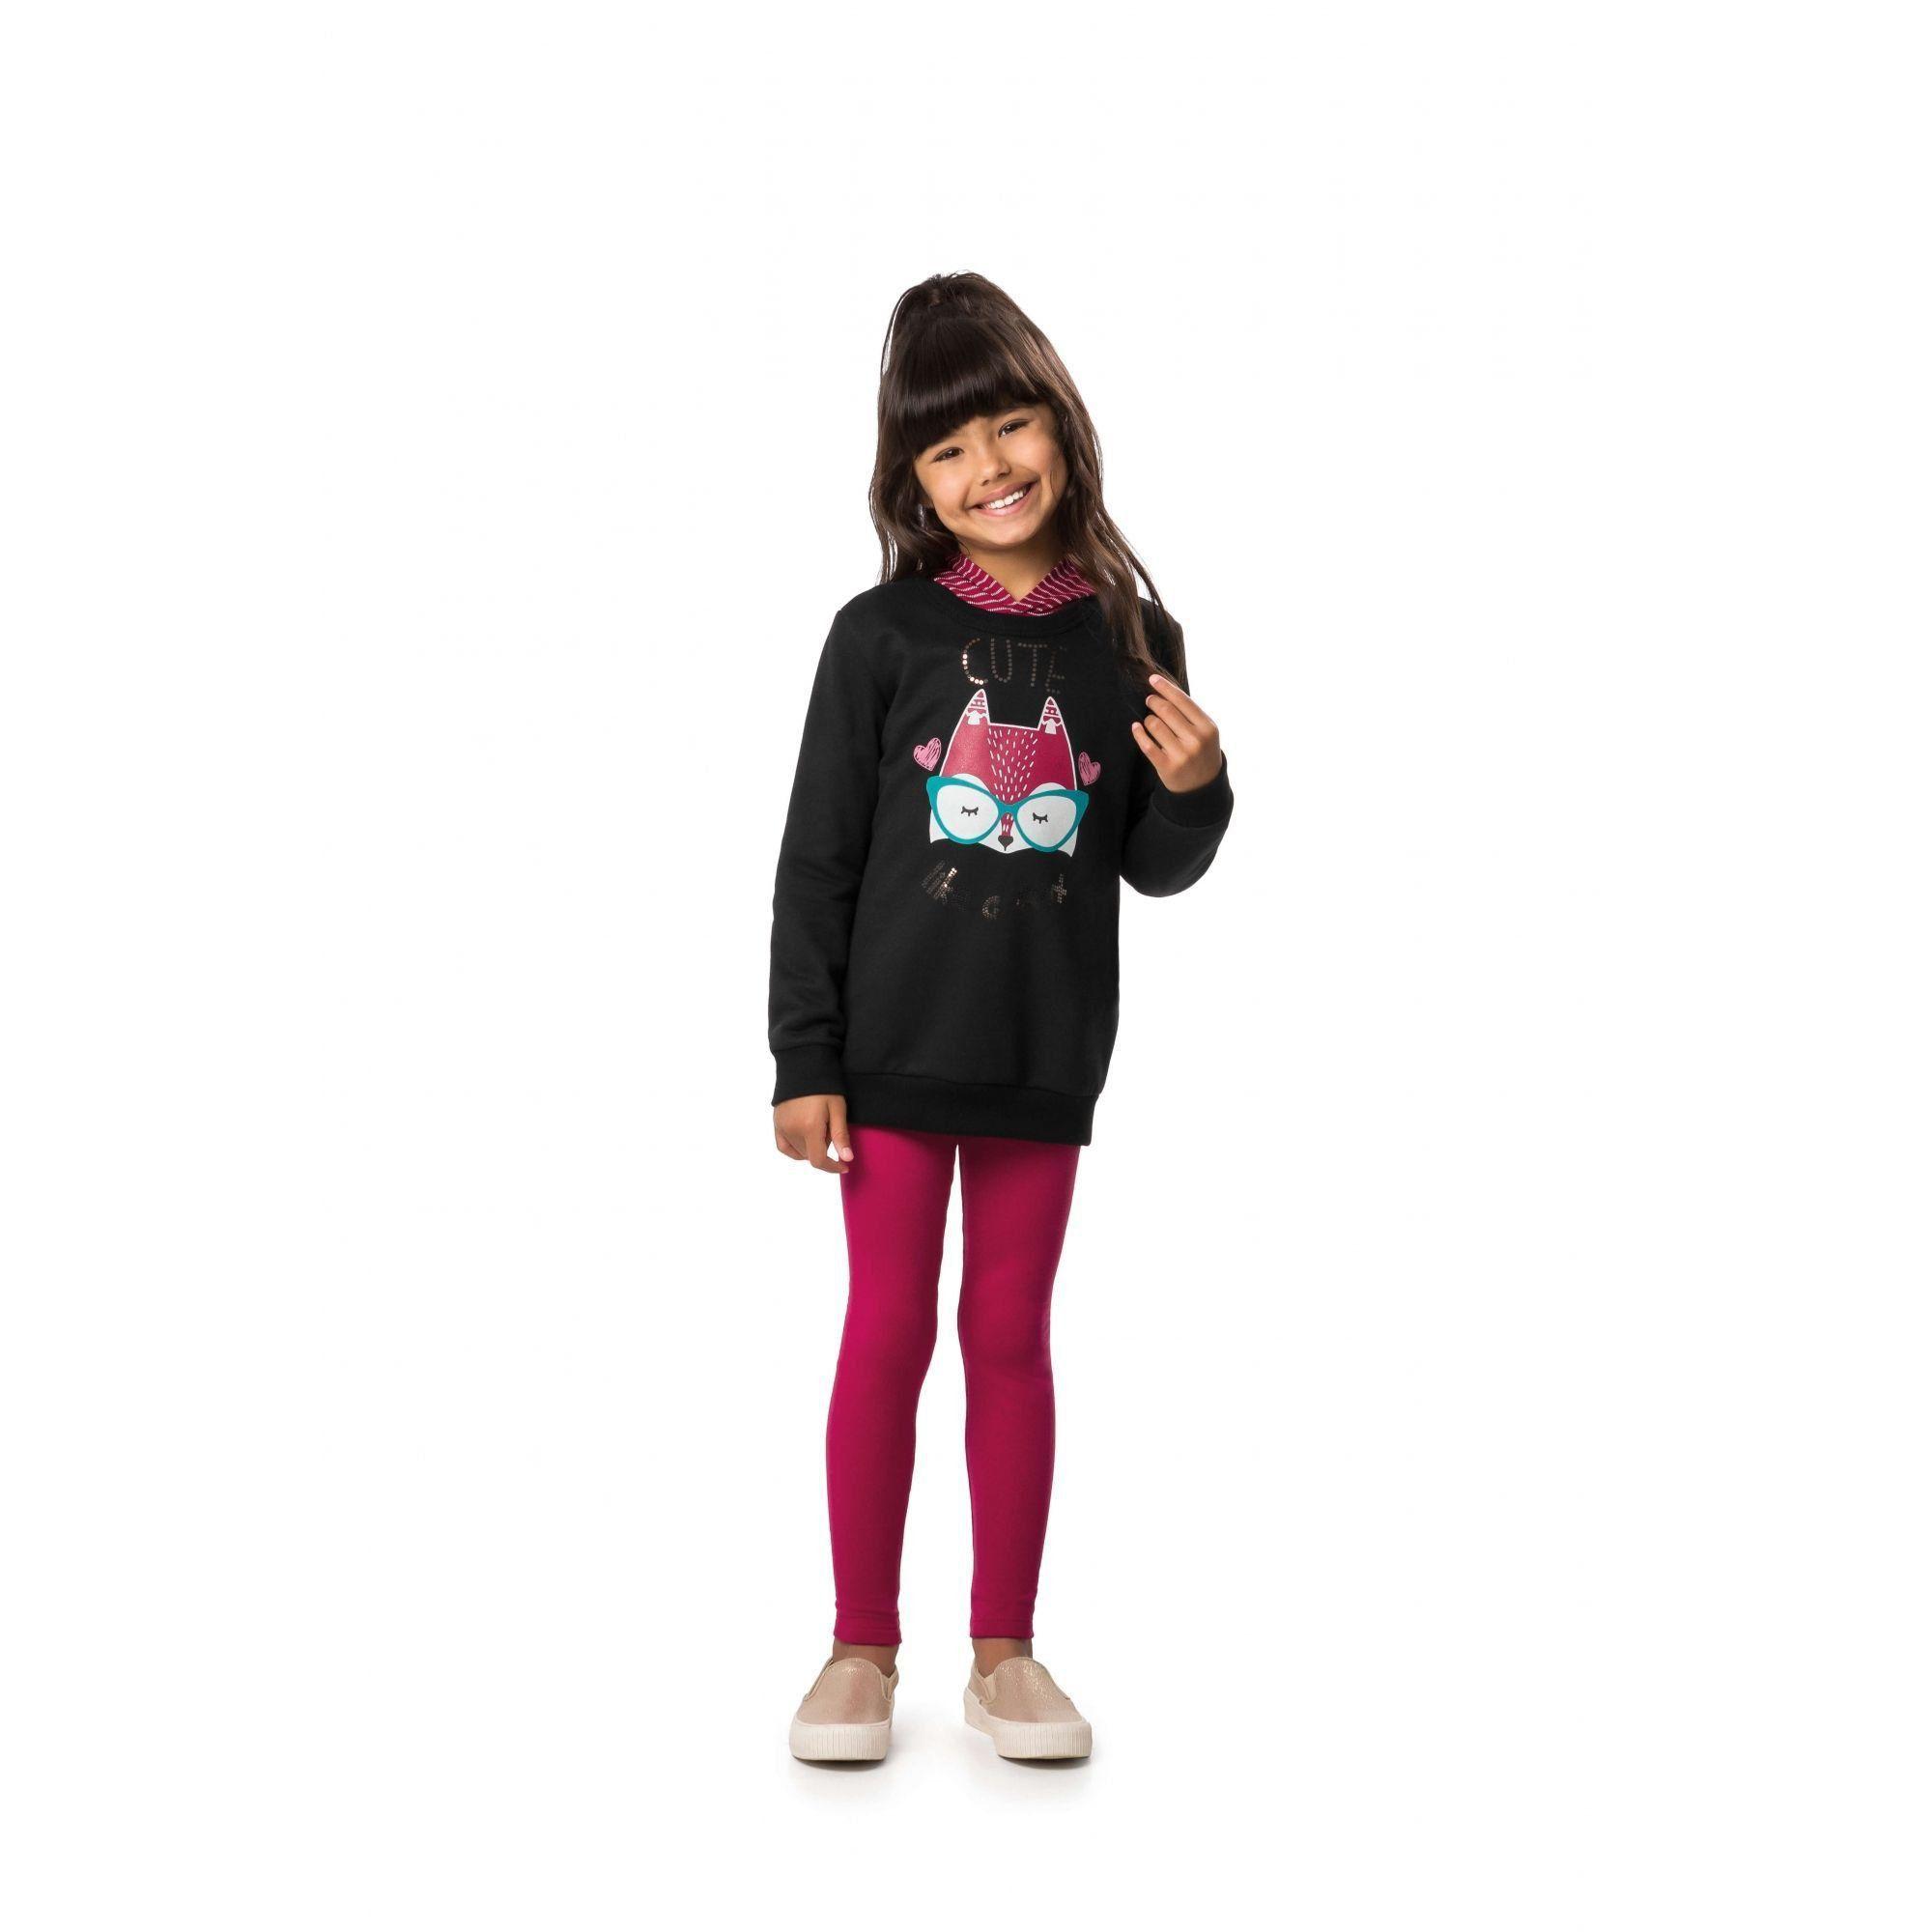 Conjunto Infantil Feminino Inverno Preto Cute Malwee